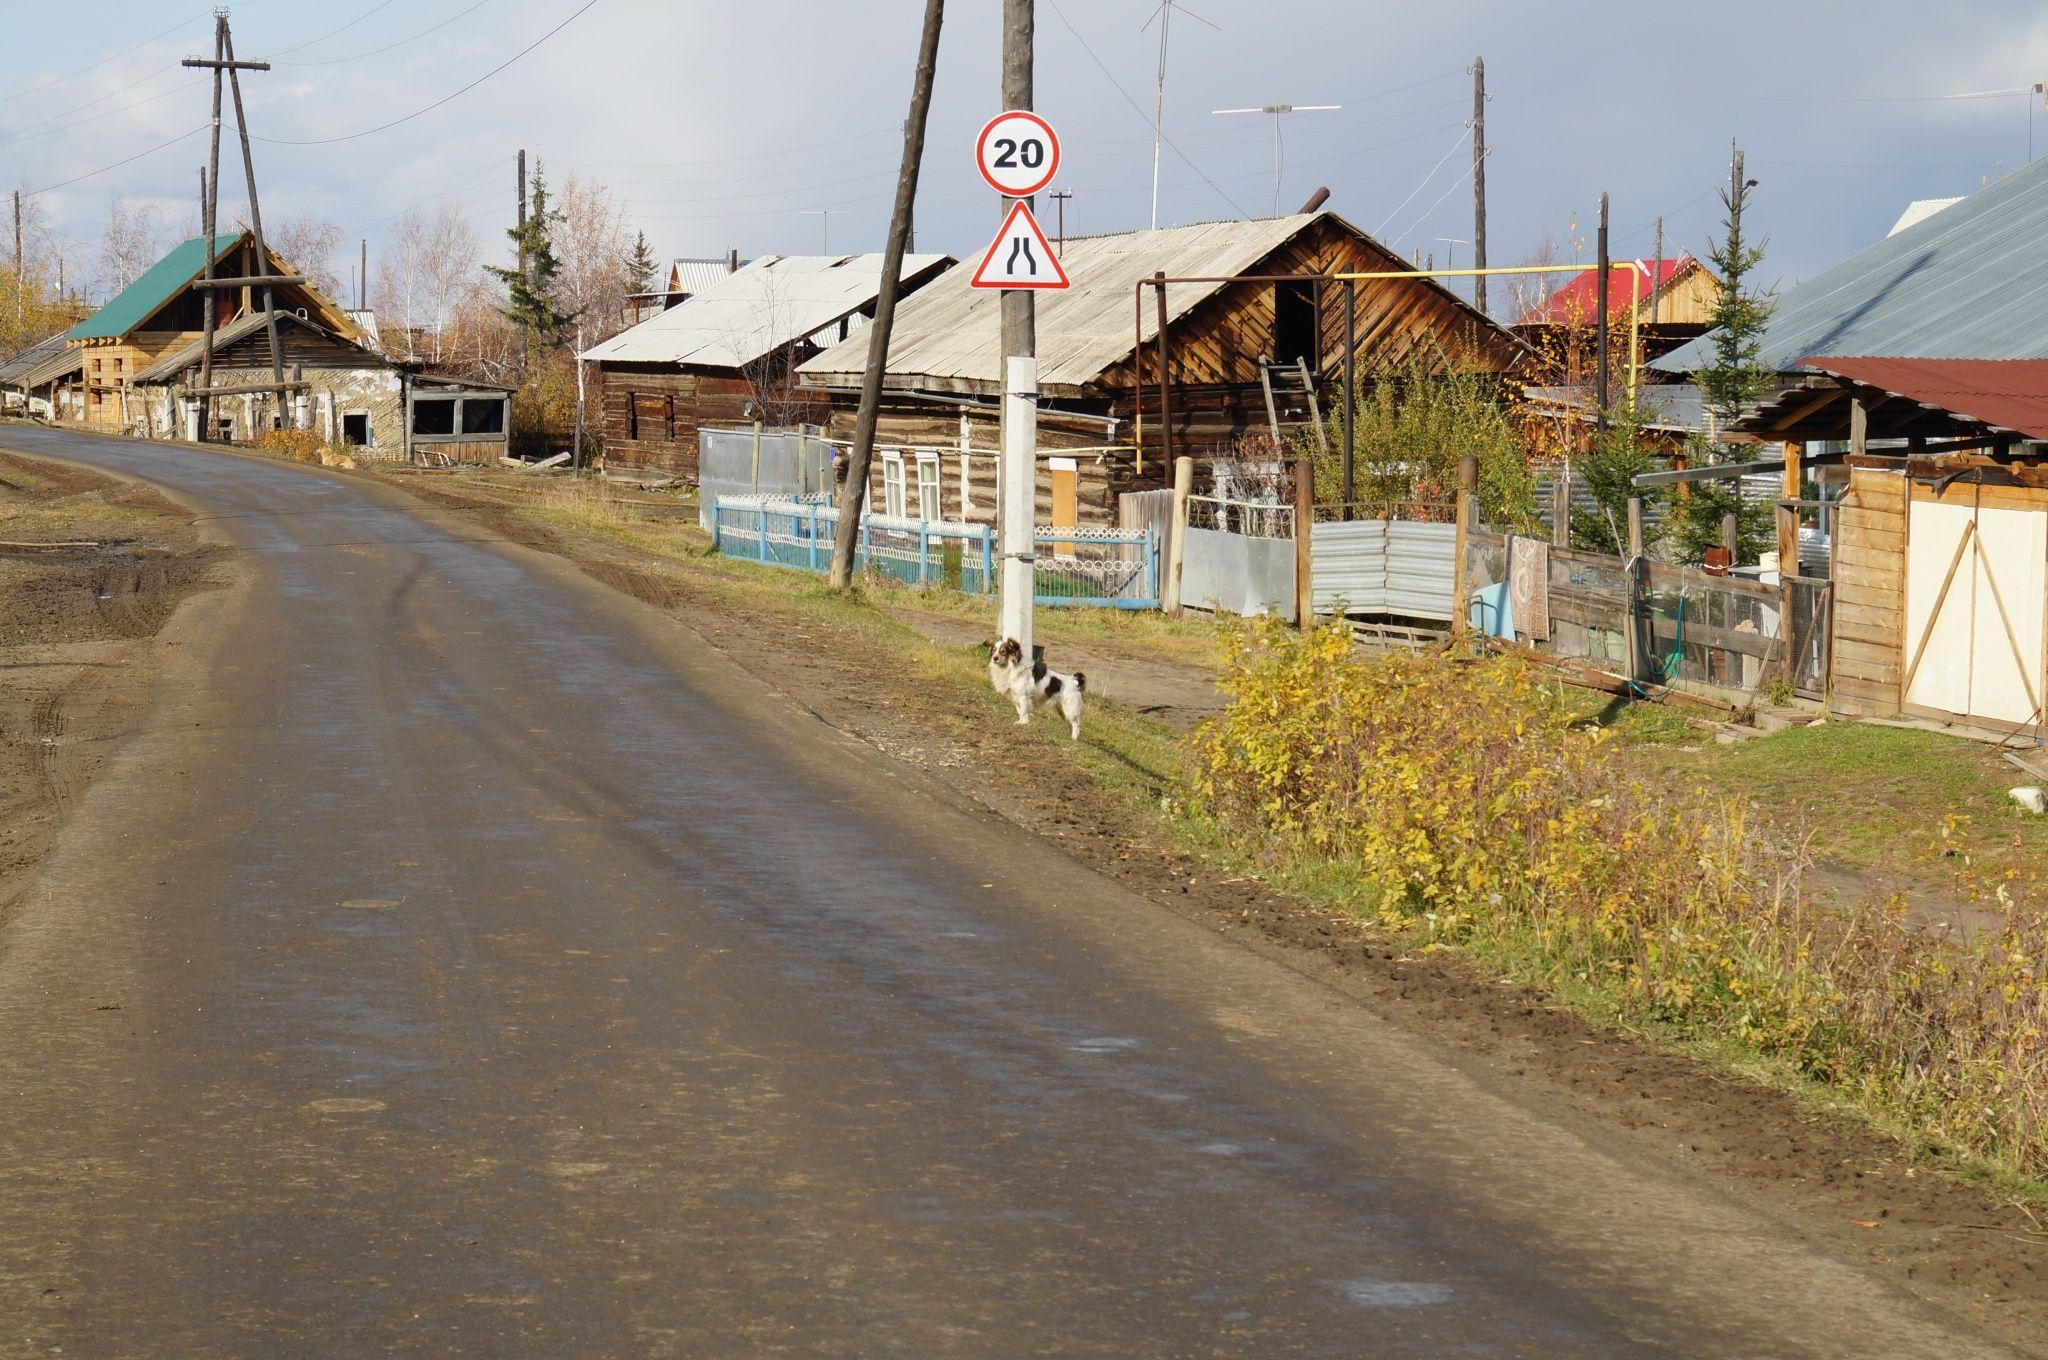 Села на сучек 2 фотография